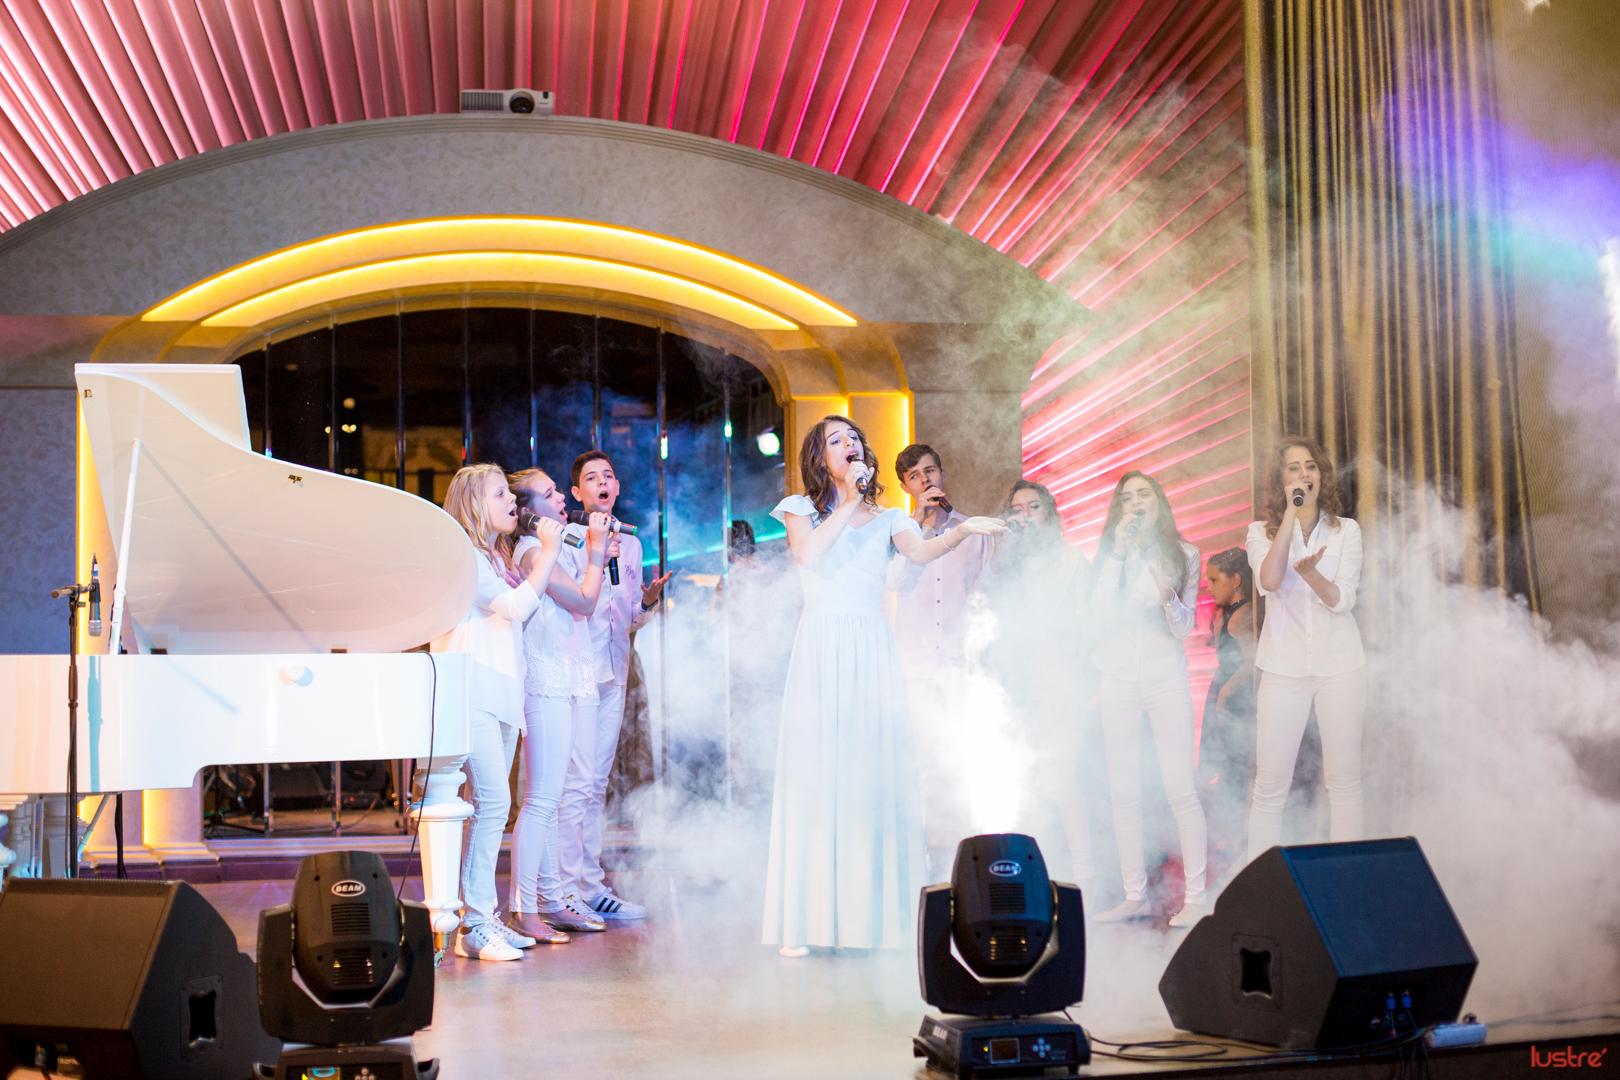 Выпускной вечер воспитанников школы музыки Юлии Писаренко в концерт-холле Ле Гранд